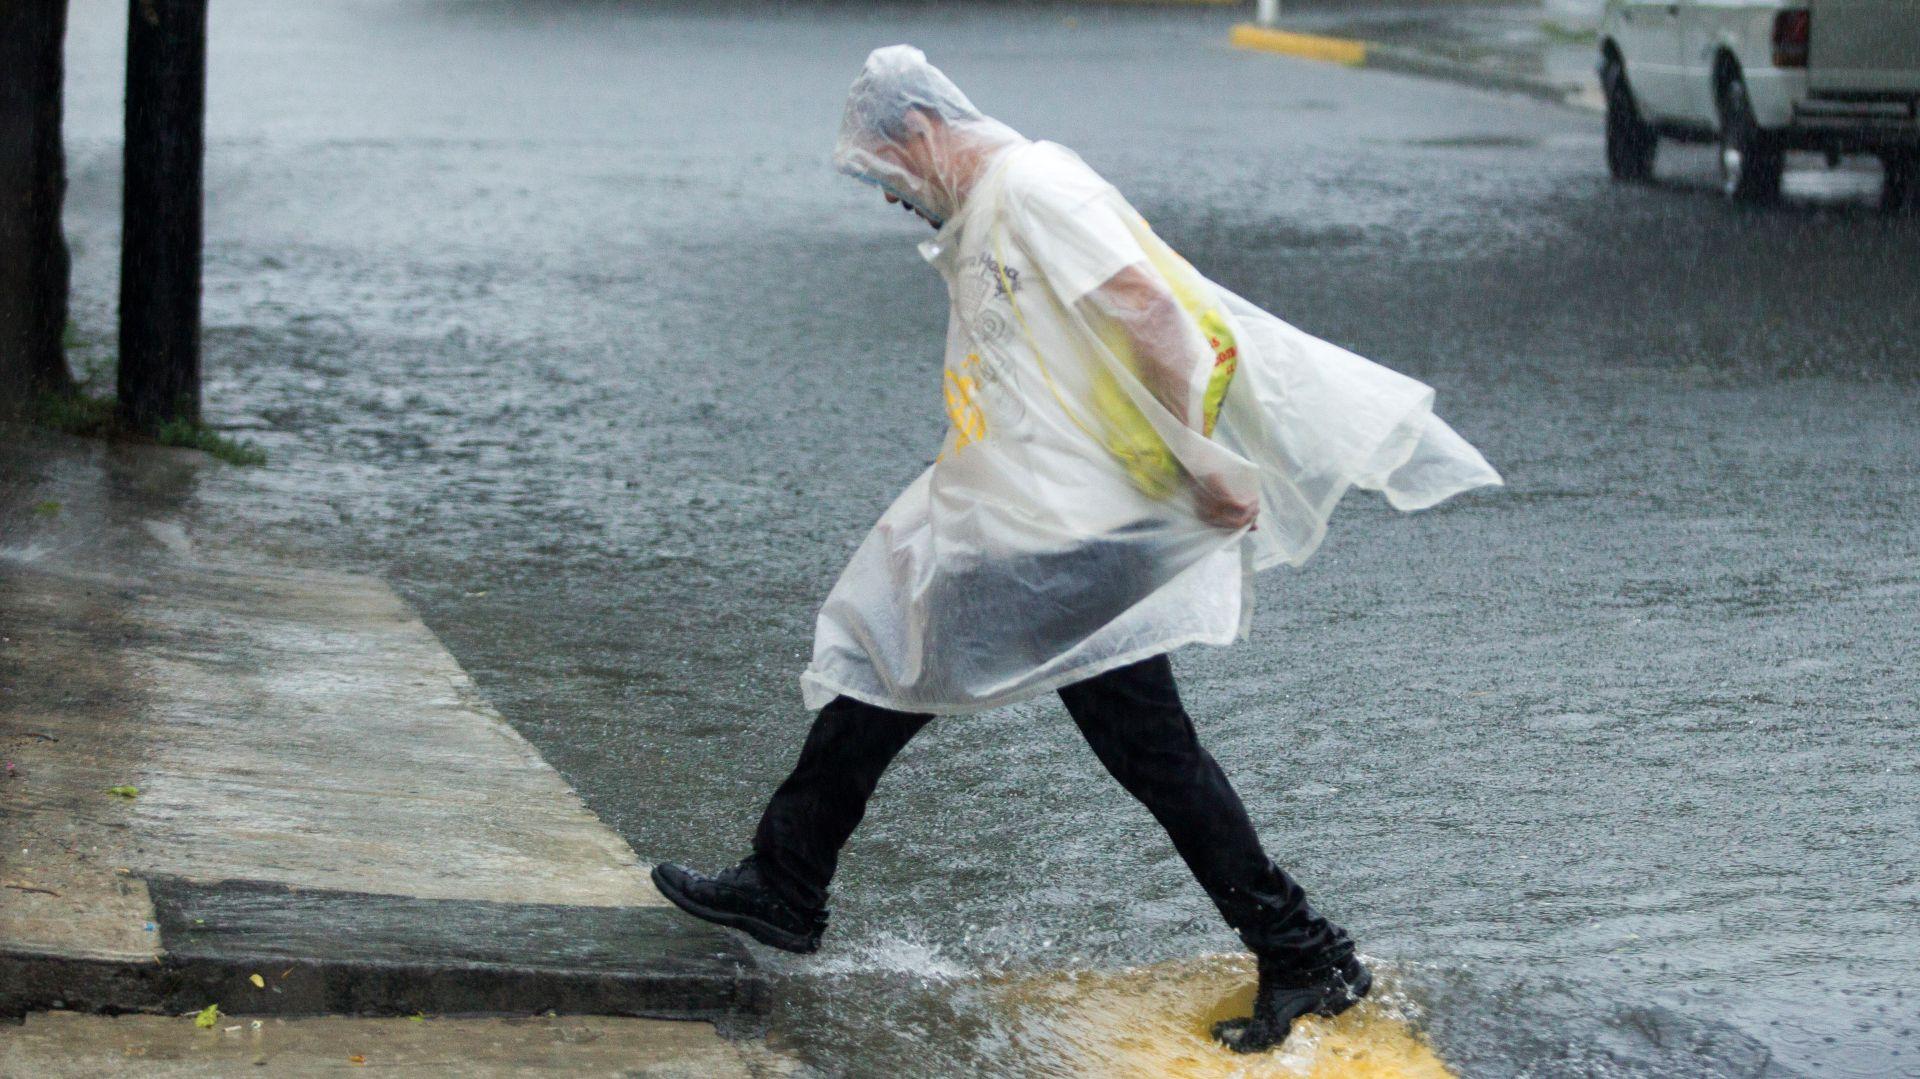 Las calles de la capital neoleonesa están inundadas (Foto: Cuartoscuro)